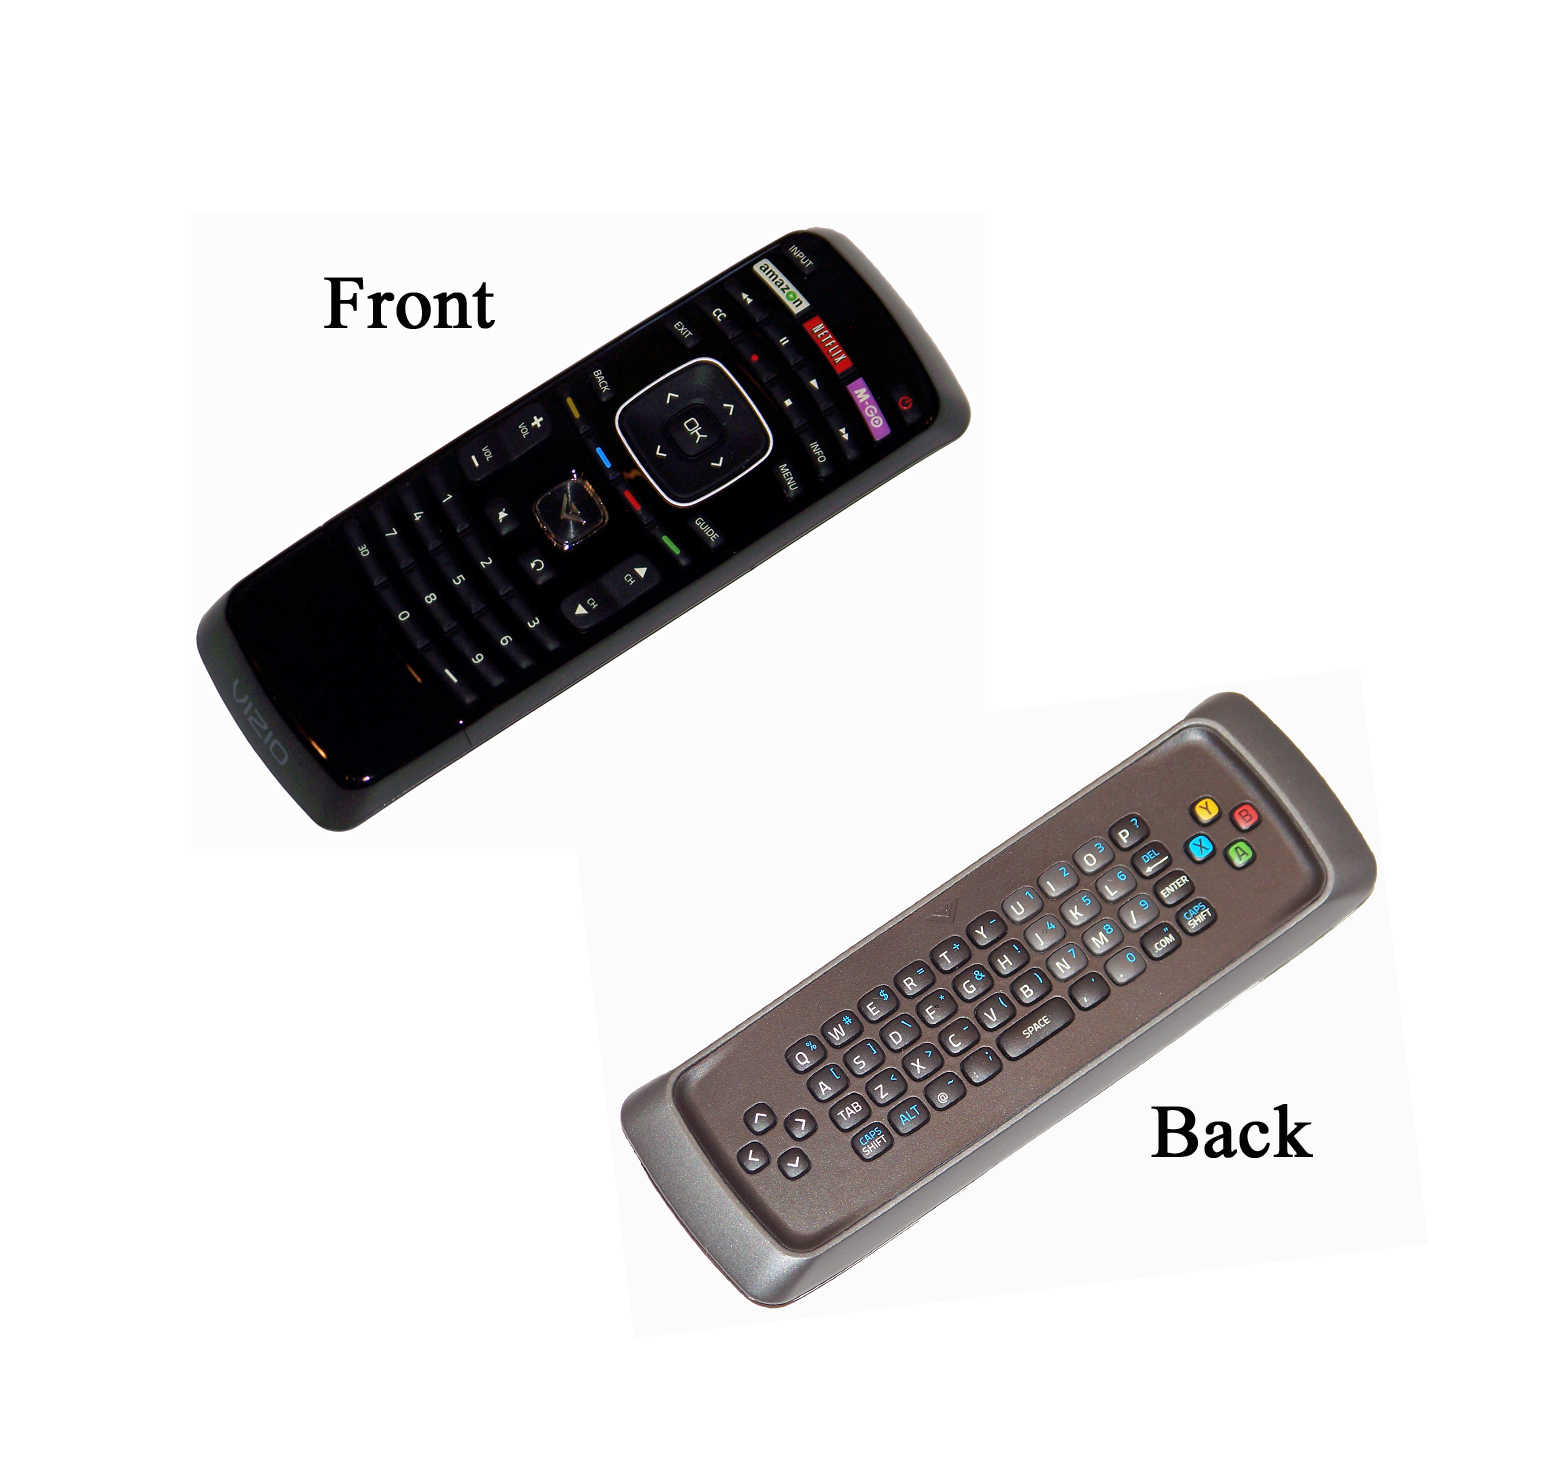 OEM Vizio Remote Control: E472VL, E500IA1, E551VA, E552VL...